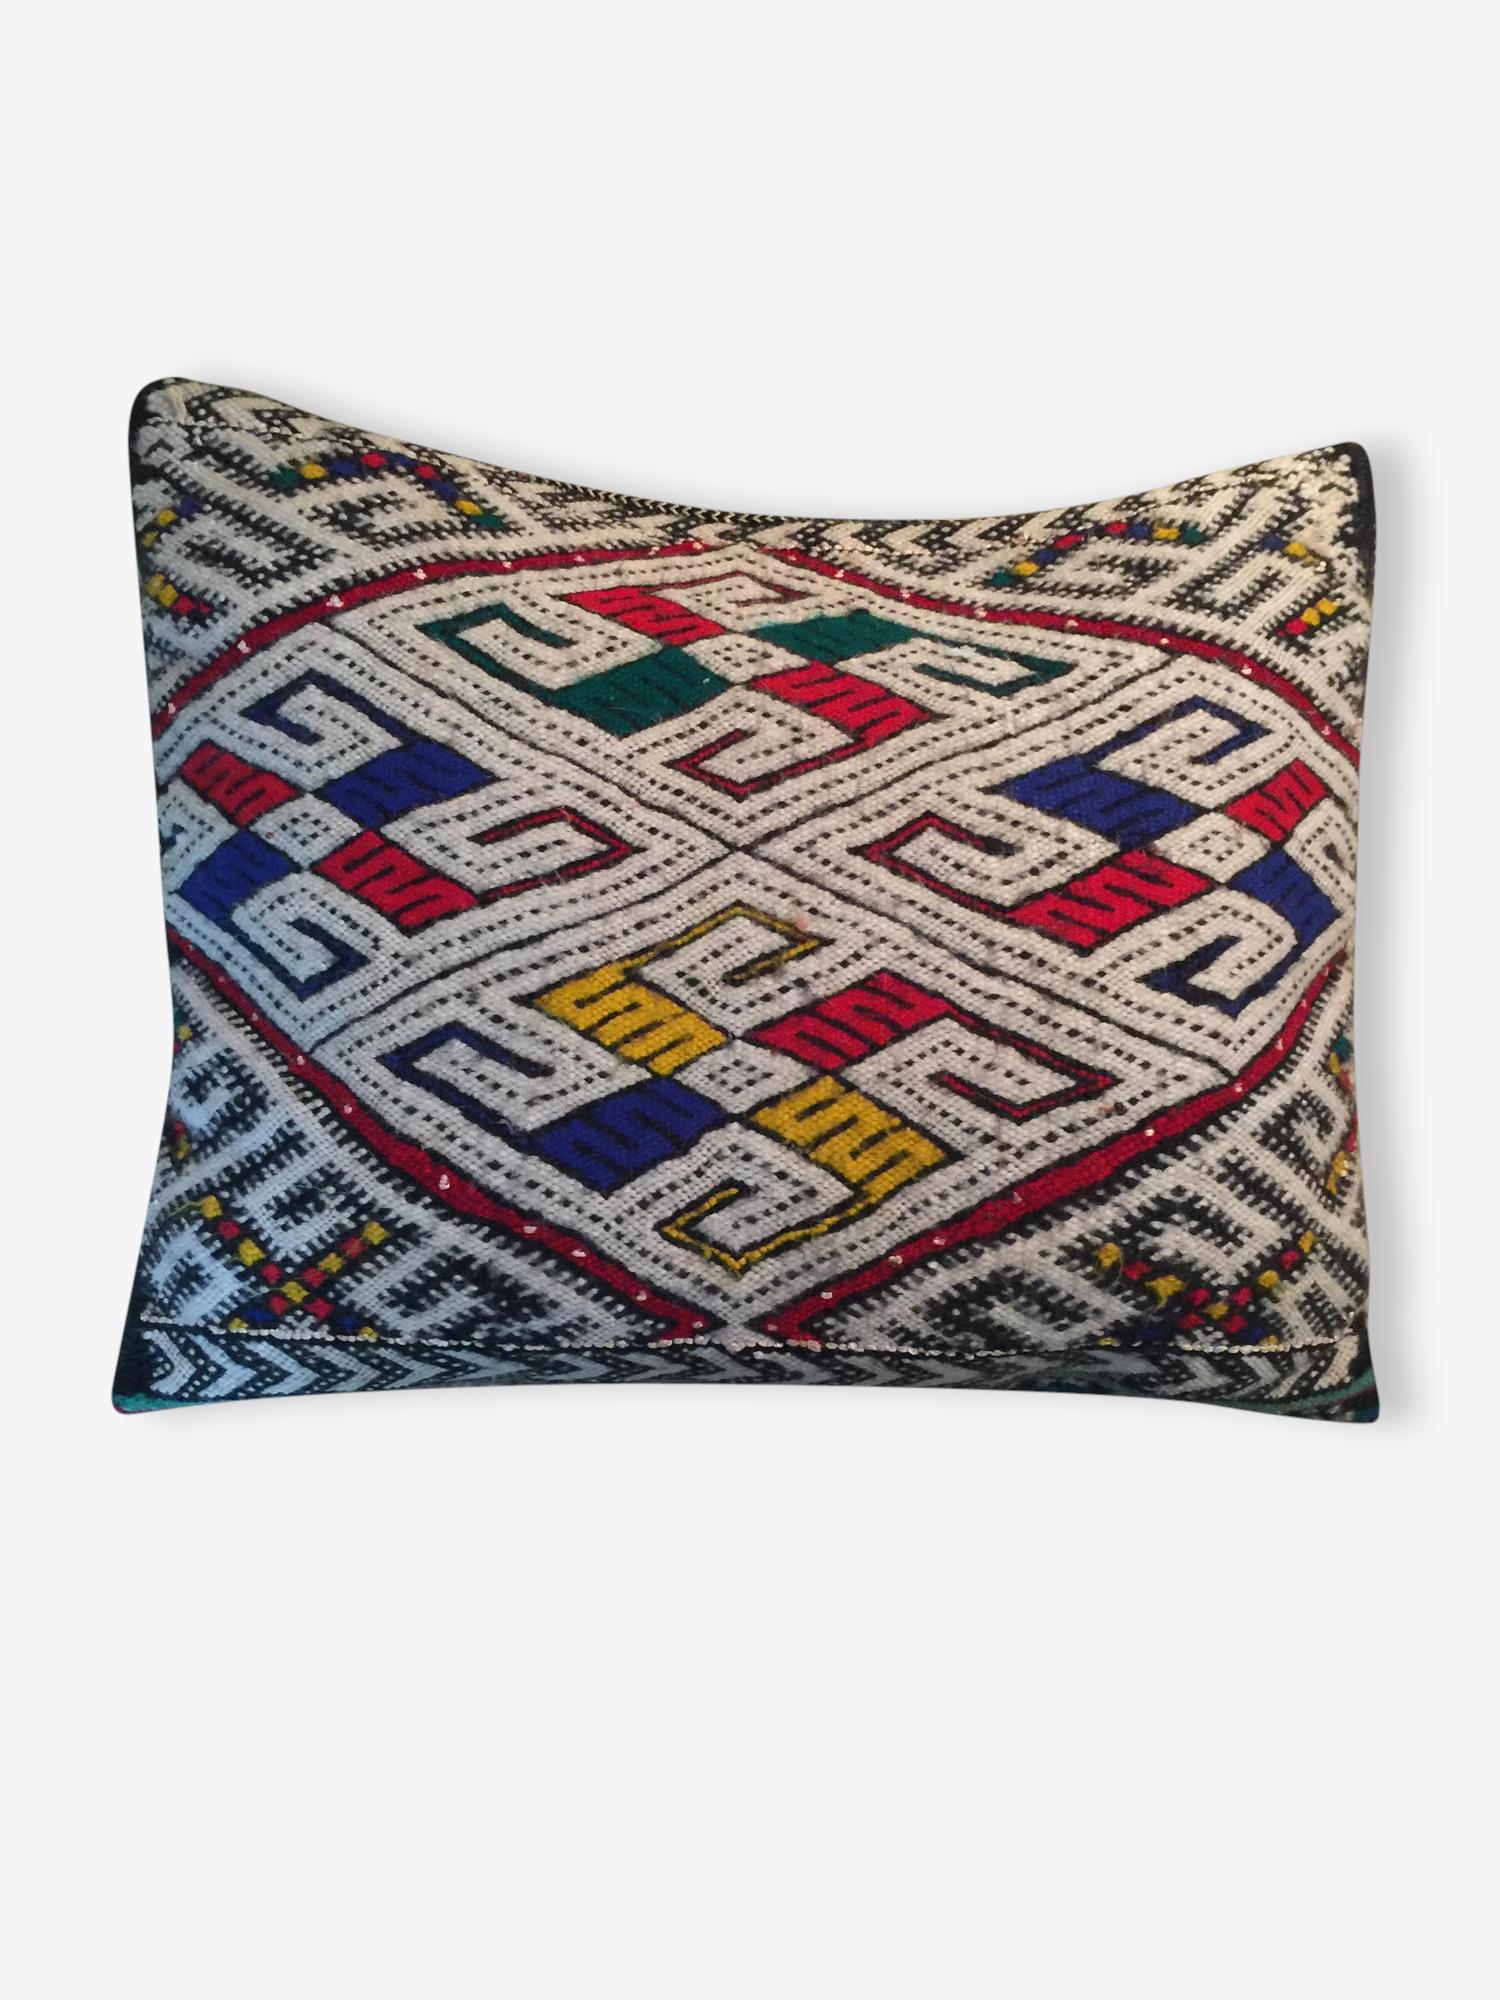 Coussin kilim ancien berbère pure laine 46cmx36cm